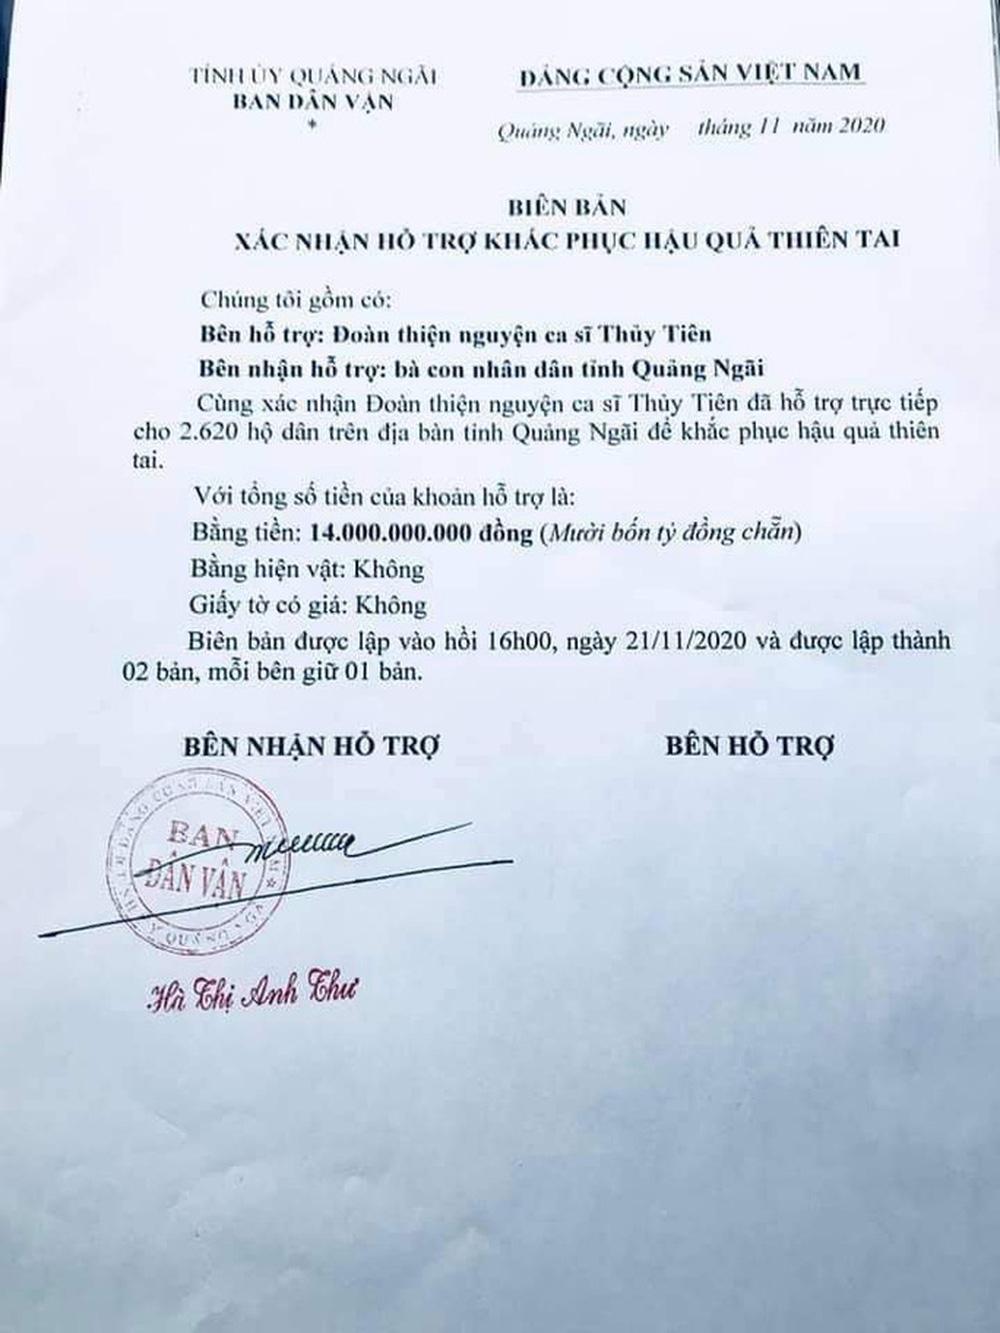 Tỉnh Quảng Ngãi lên tiếng về 14 tỉ đồng ca sĩ Thủy Tiên tặng người dân - Ảnh 2.